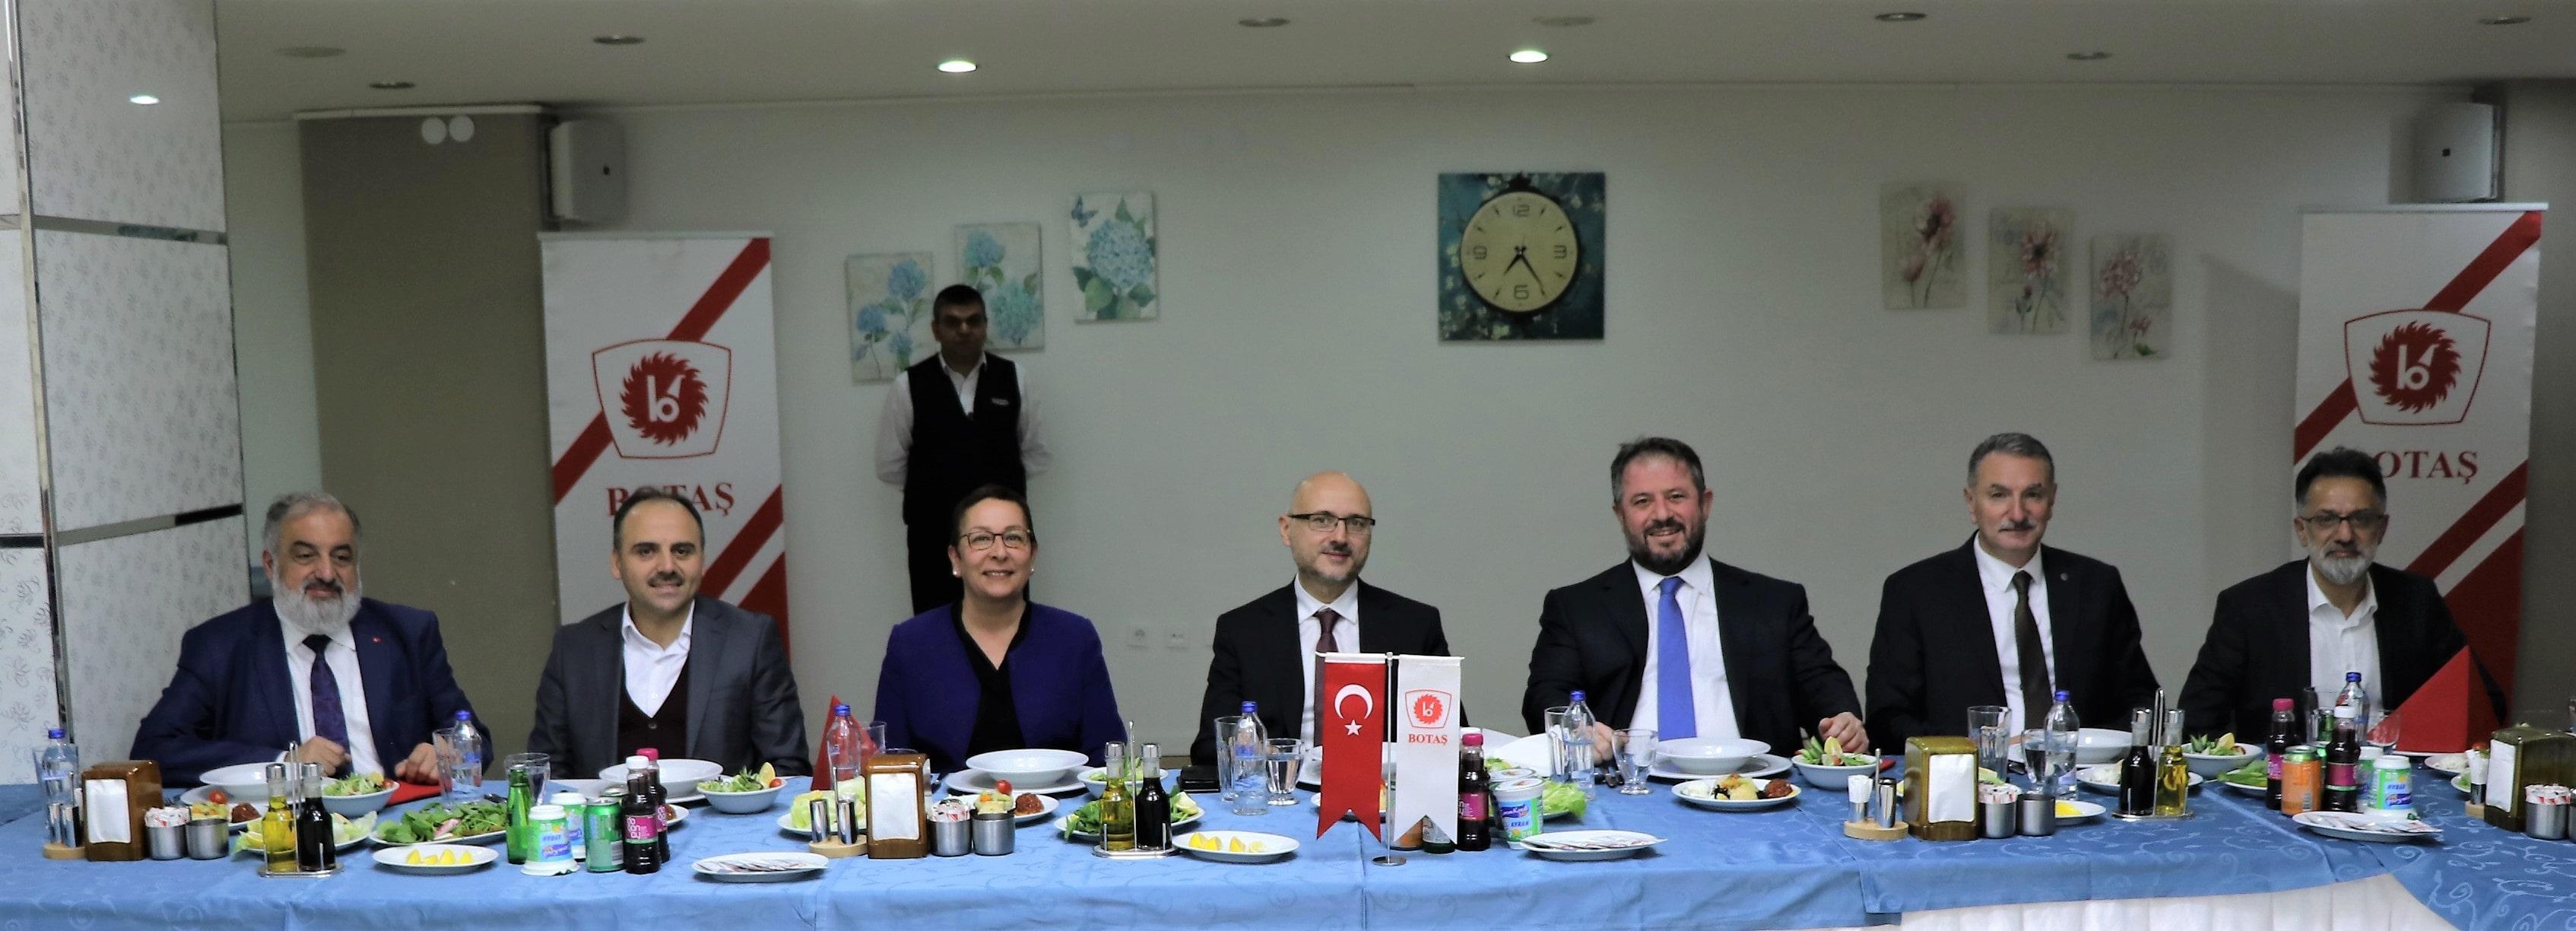 Kurumlararası Diyaloğu Geliştirme Toplantısı – BOTAŞ Genel Müdürlüğü